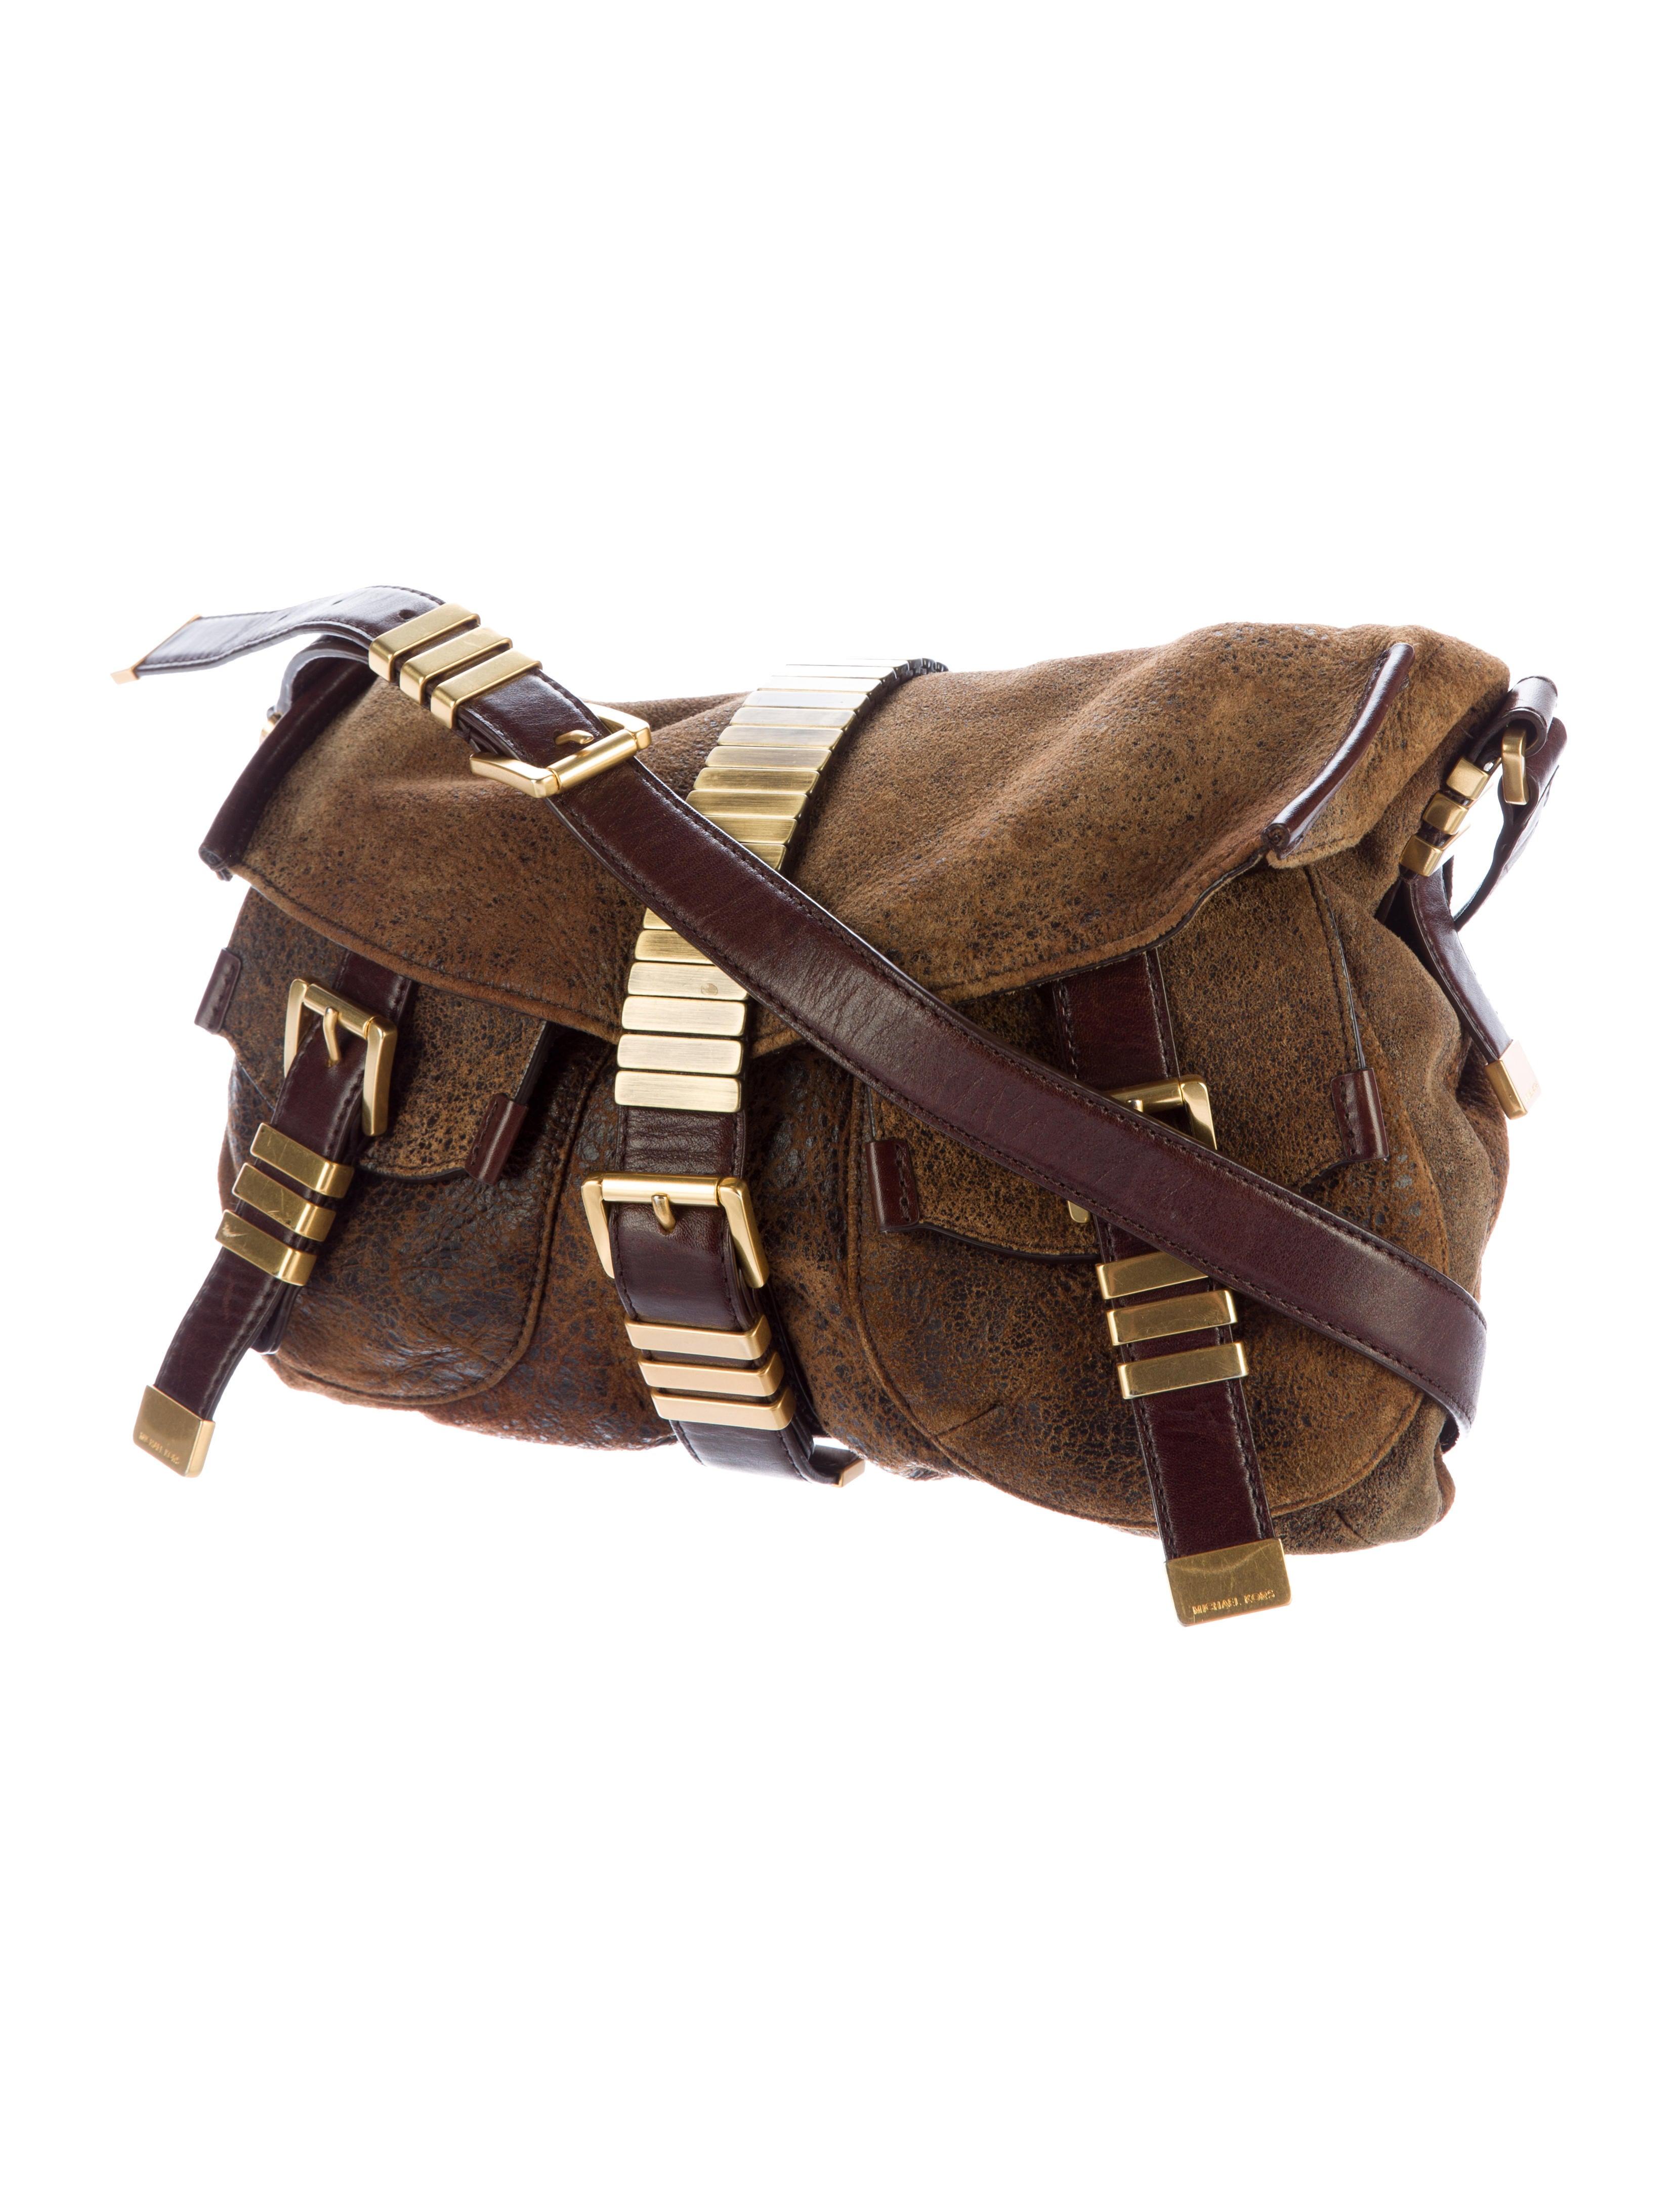 acad165699 Michael Kors Distressed Leather Messenger Bag - Handbags - MIC47925   The  RealReal